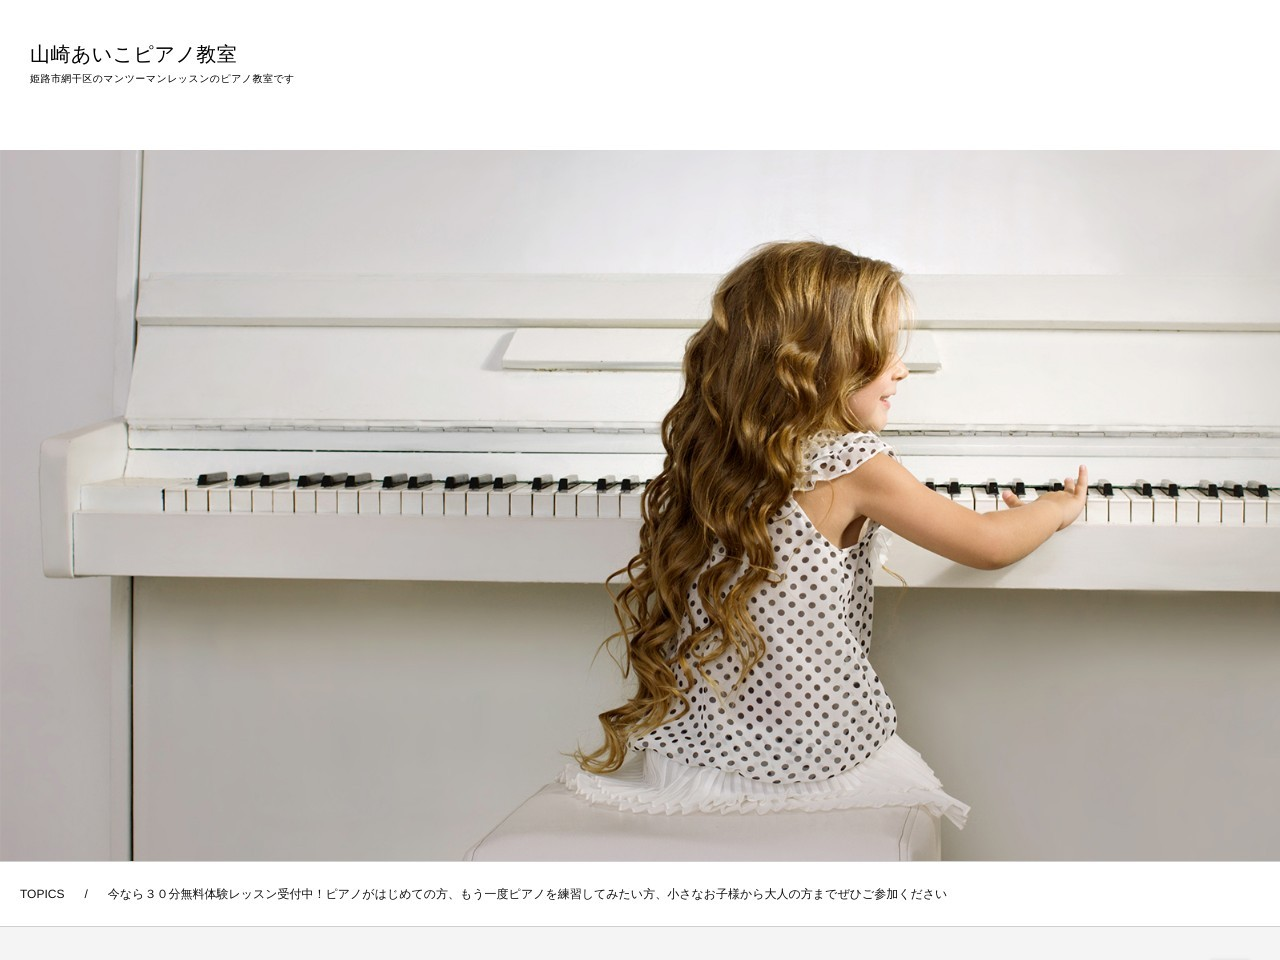 山崎あいこピアノ教室のサムネイル